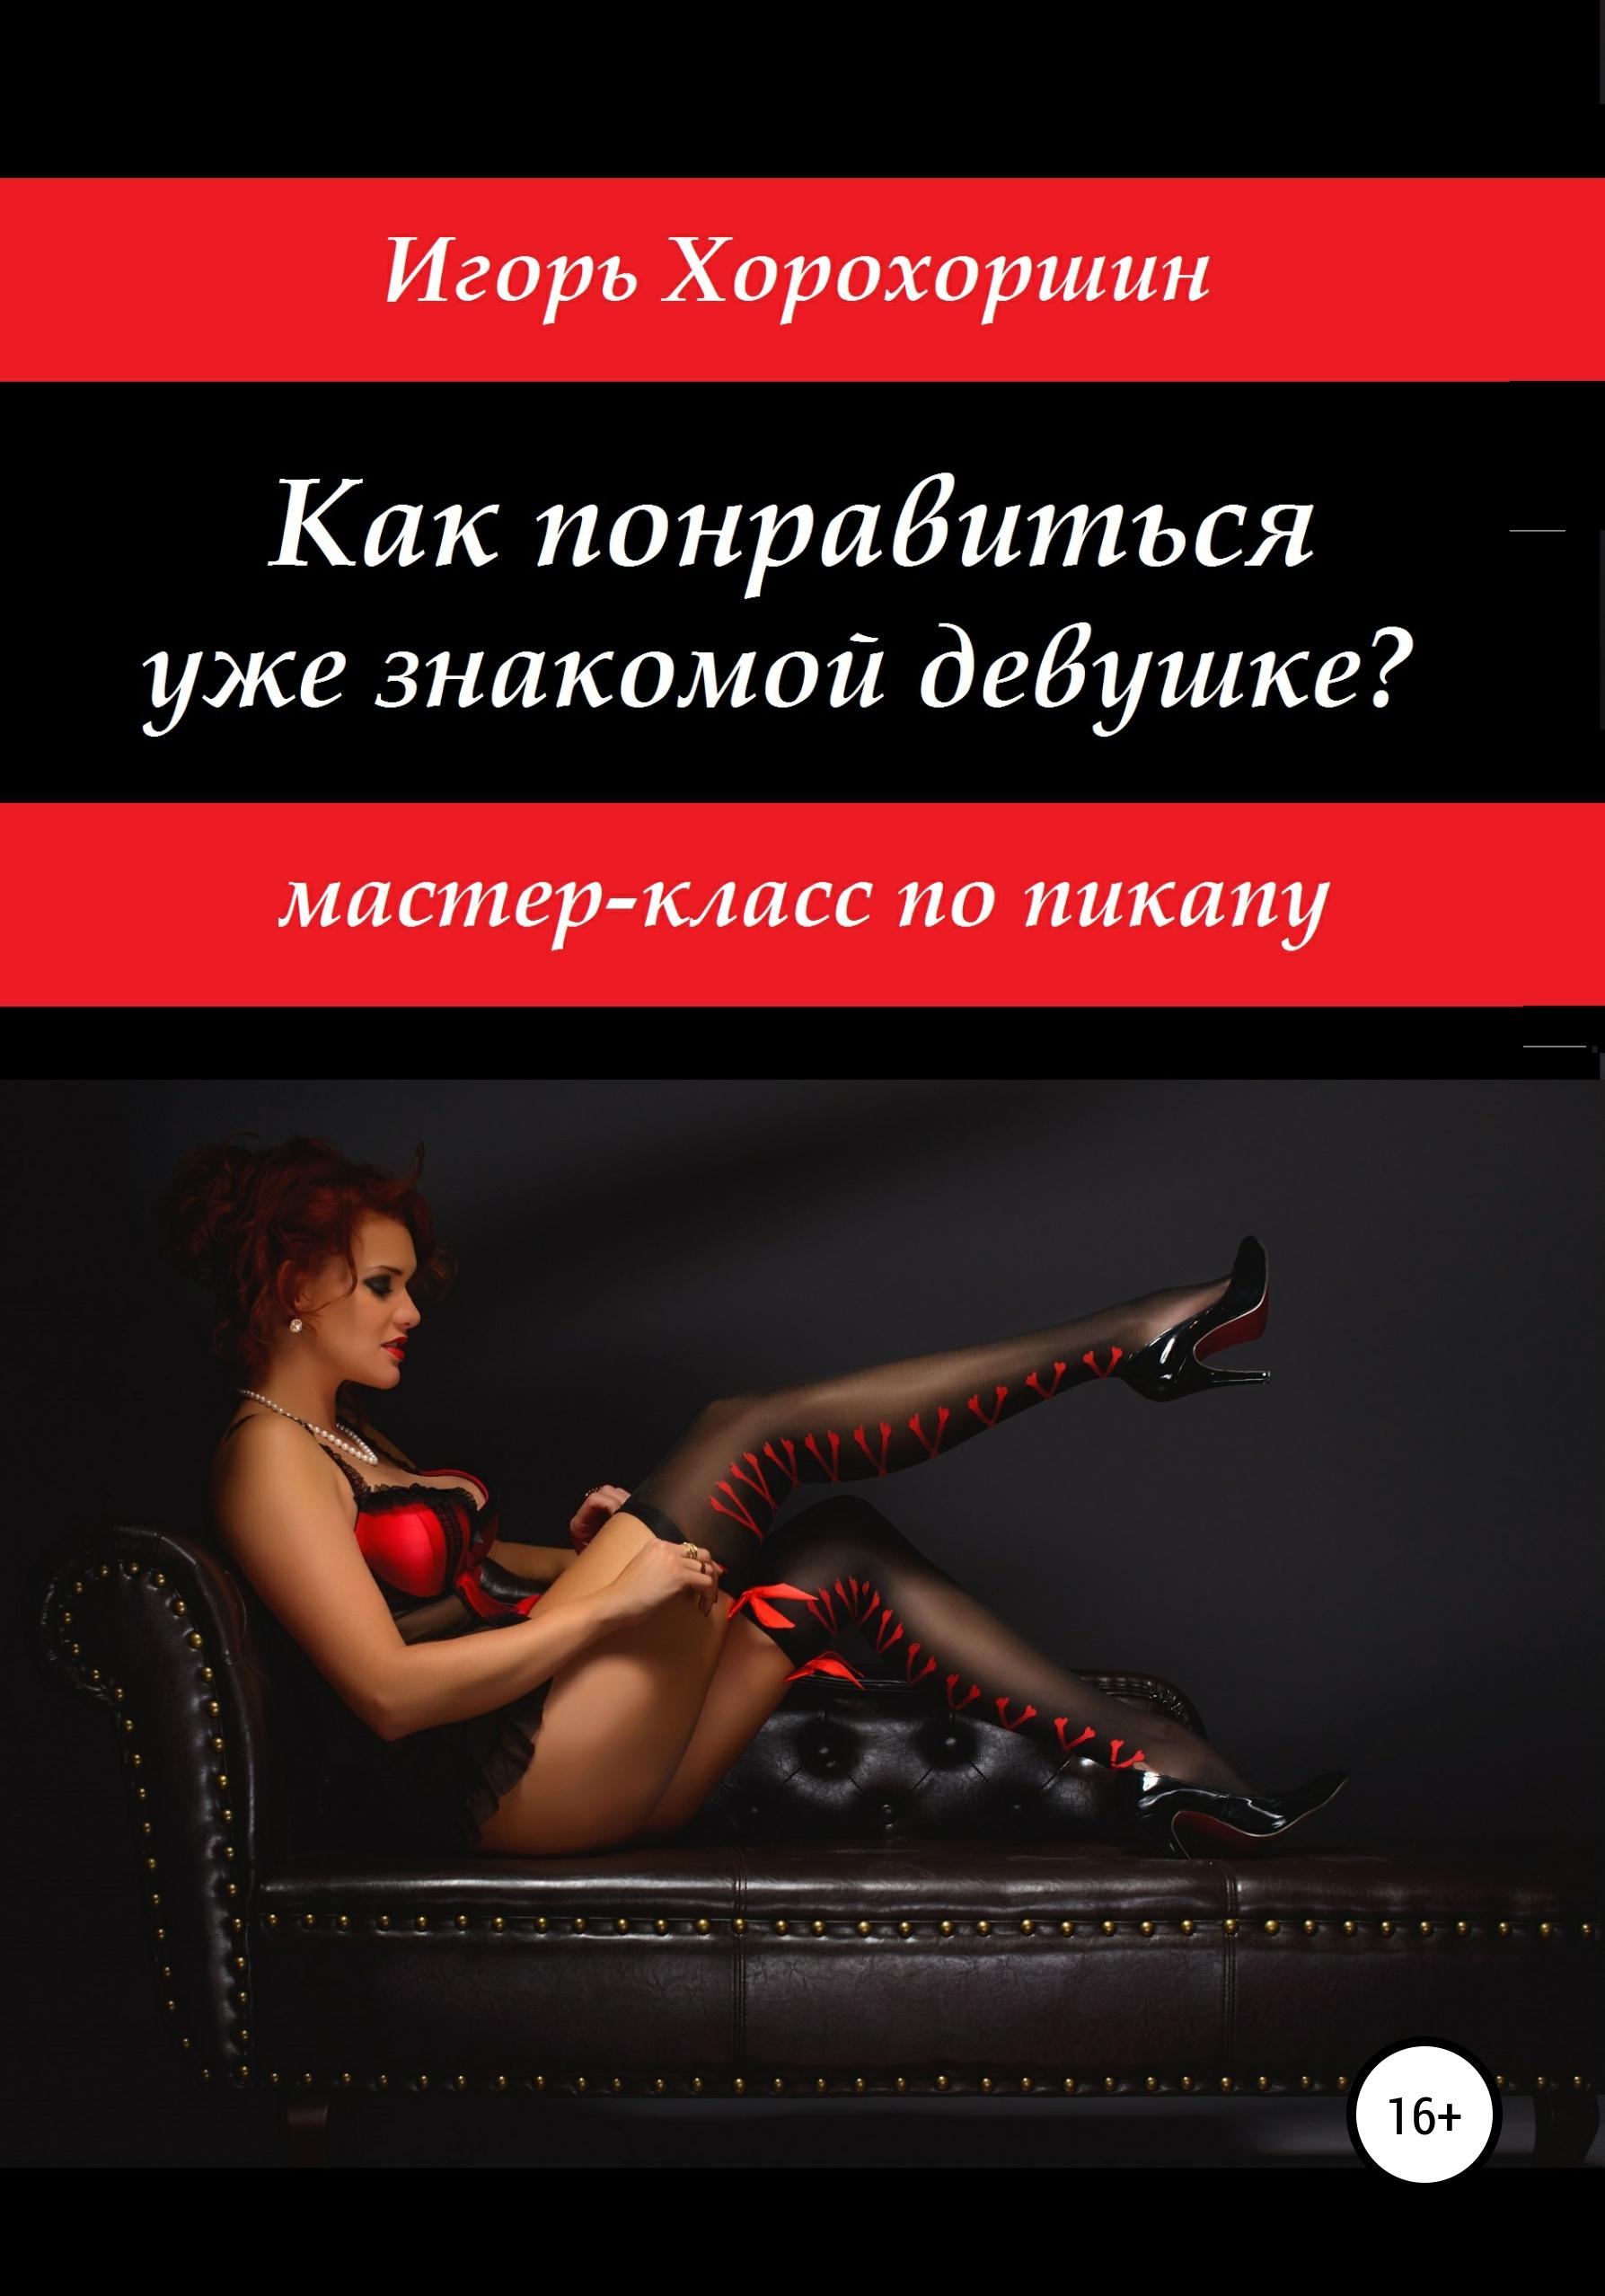 Игорь Хорохоршин - Мастер-класс по пикапу: как понравиться уже знакомой девушке?